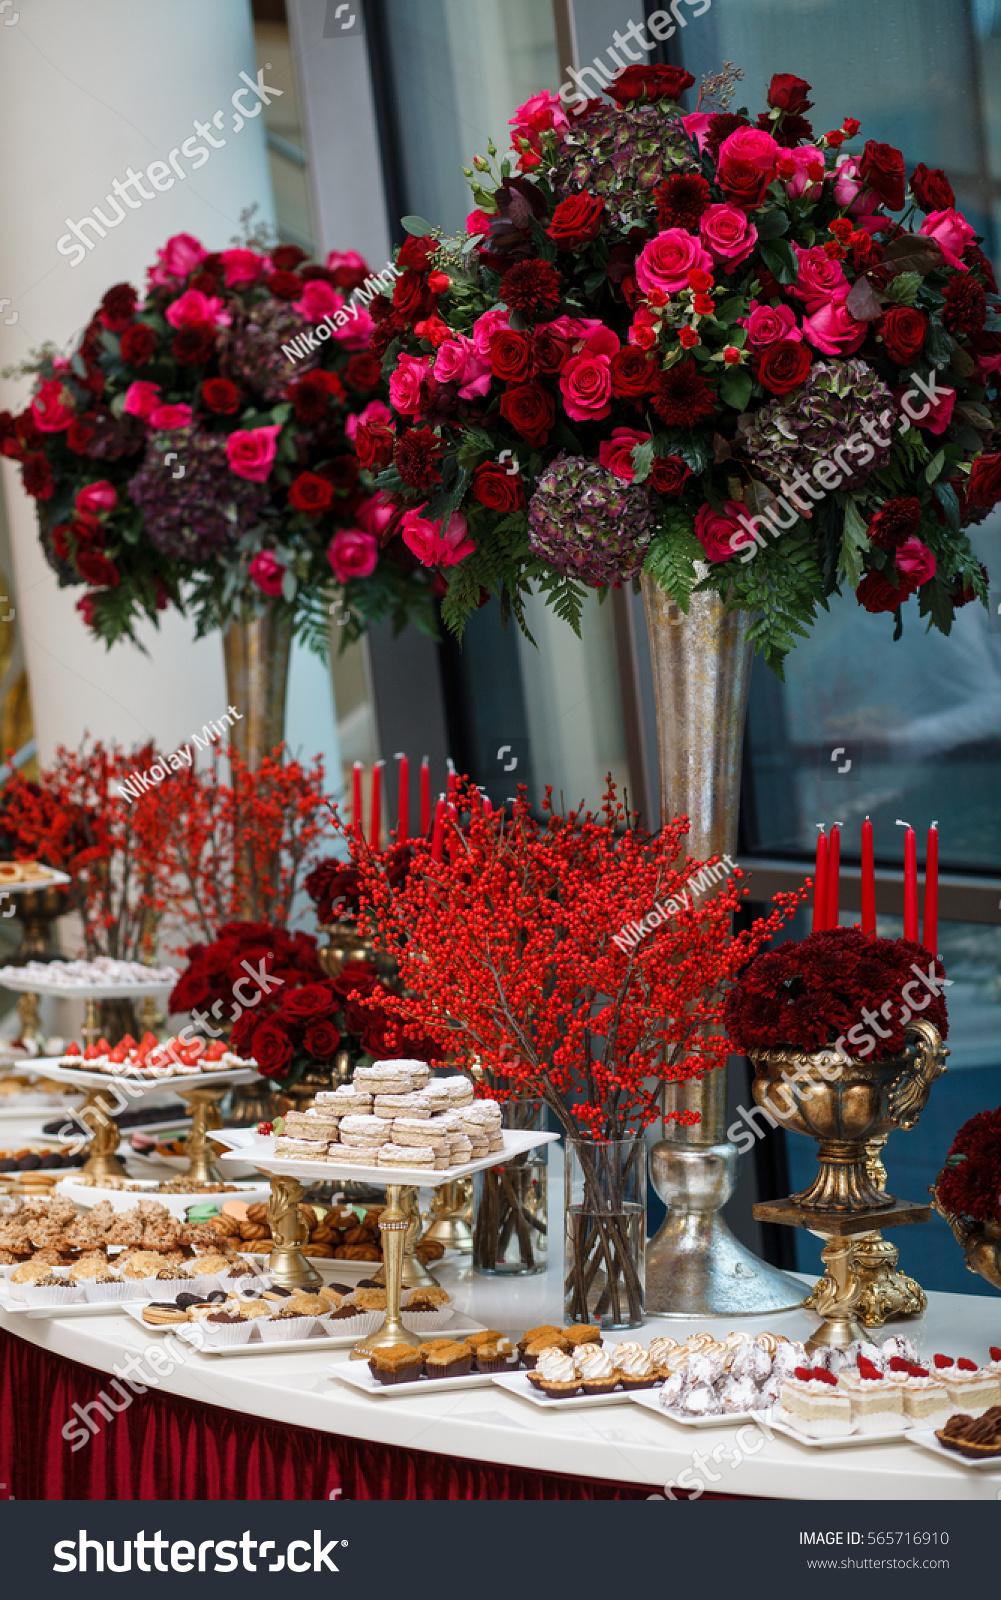 Snack Dessert Table Party Stockfoto (Jetzt bearbeiten) 565716910 ...